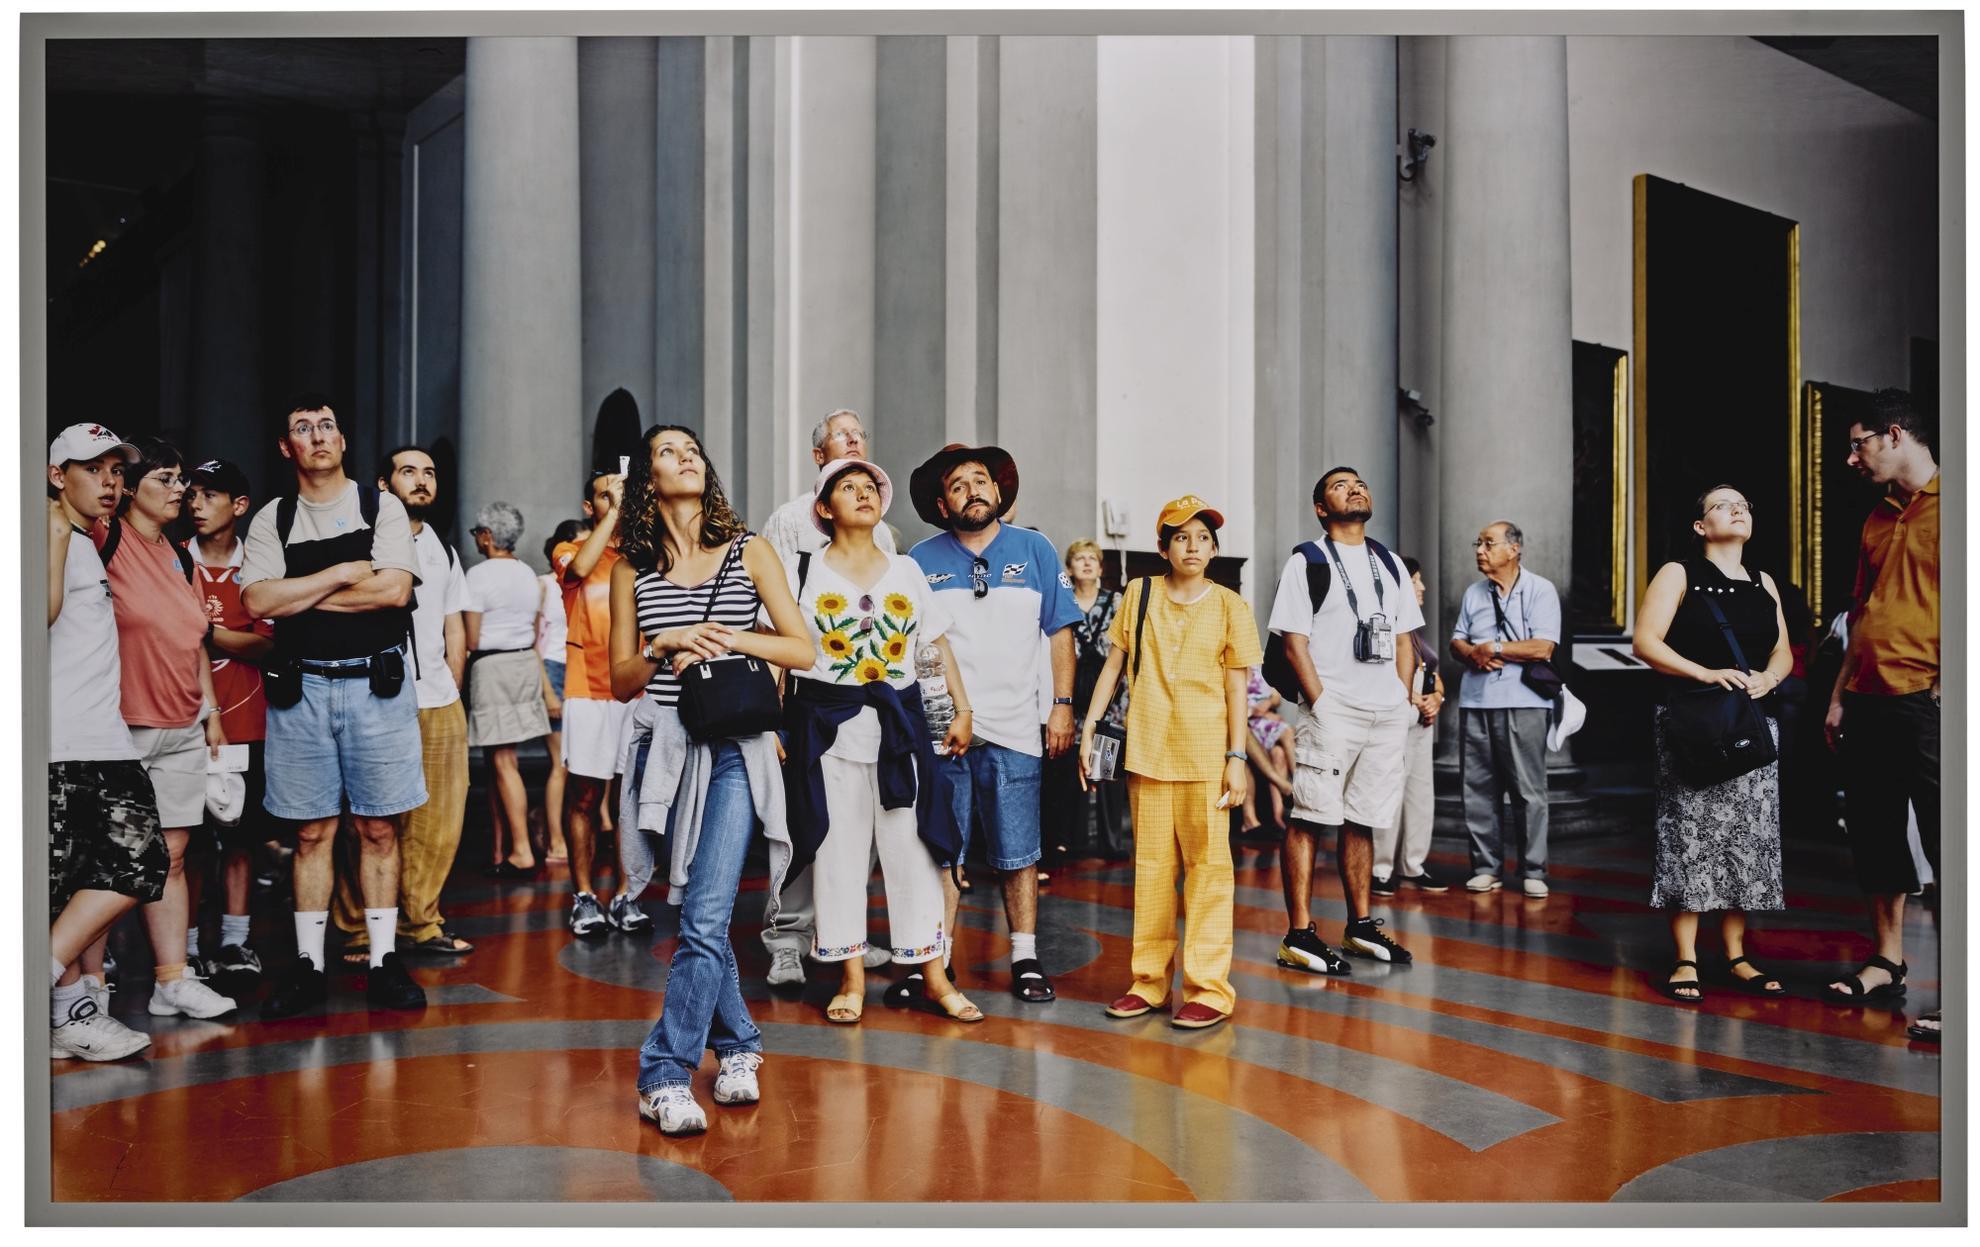 Thomas Struth-Audience 07 (Galleria Dellaccademia), Florenz-2004